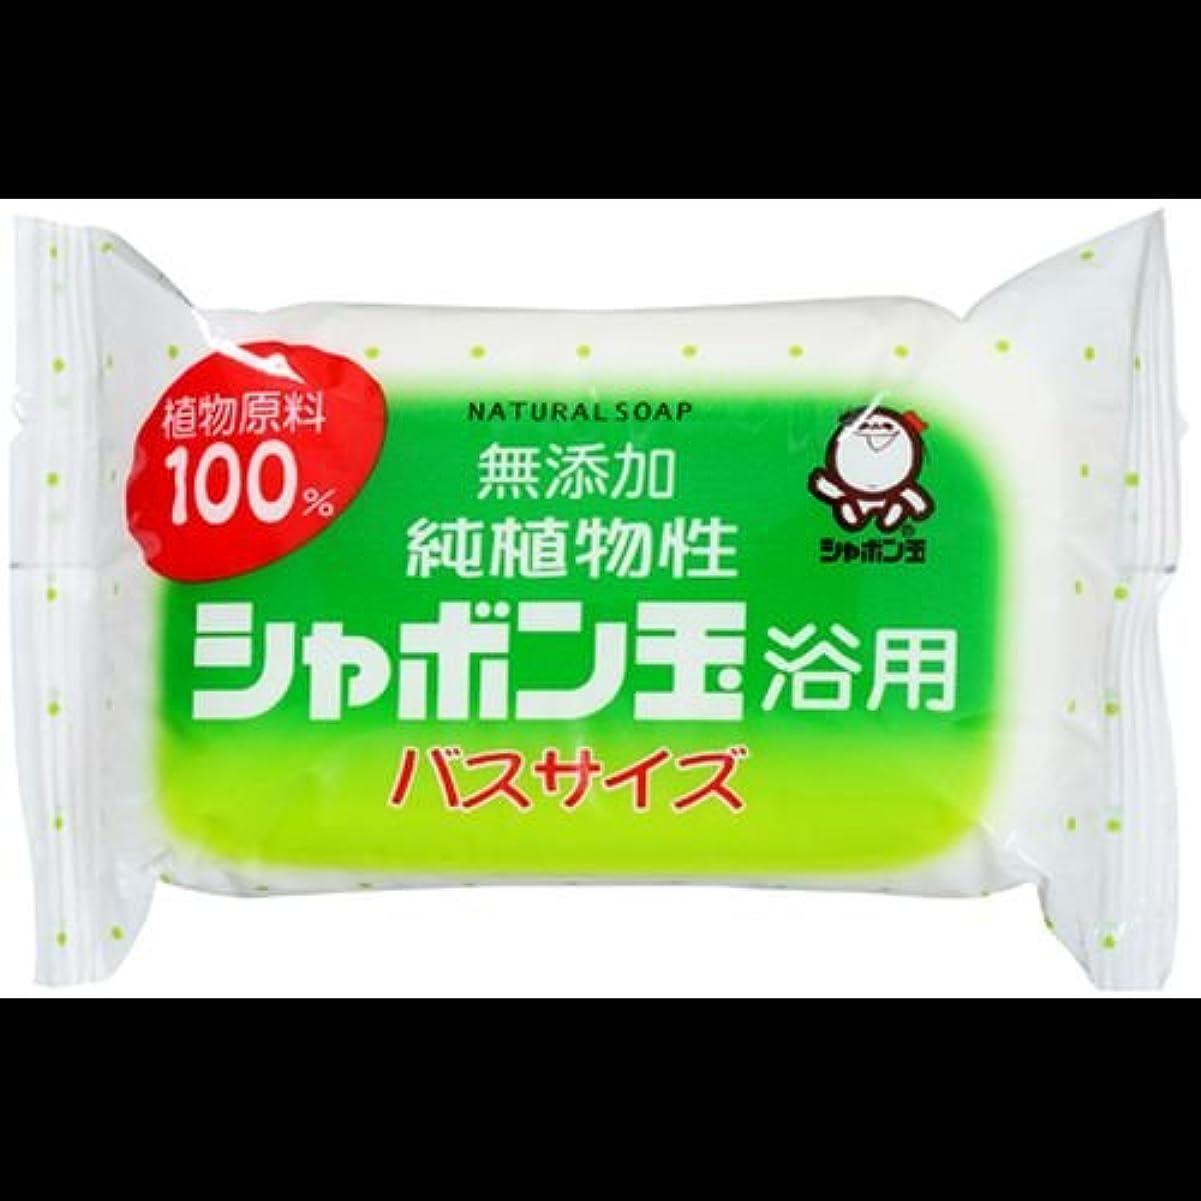 技術者動かない運営【まとめ買い】純植物性シャボン玉 浴用 バスサイズ155g ×2セット